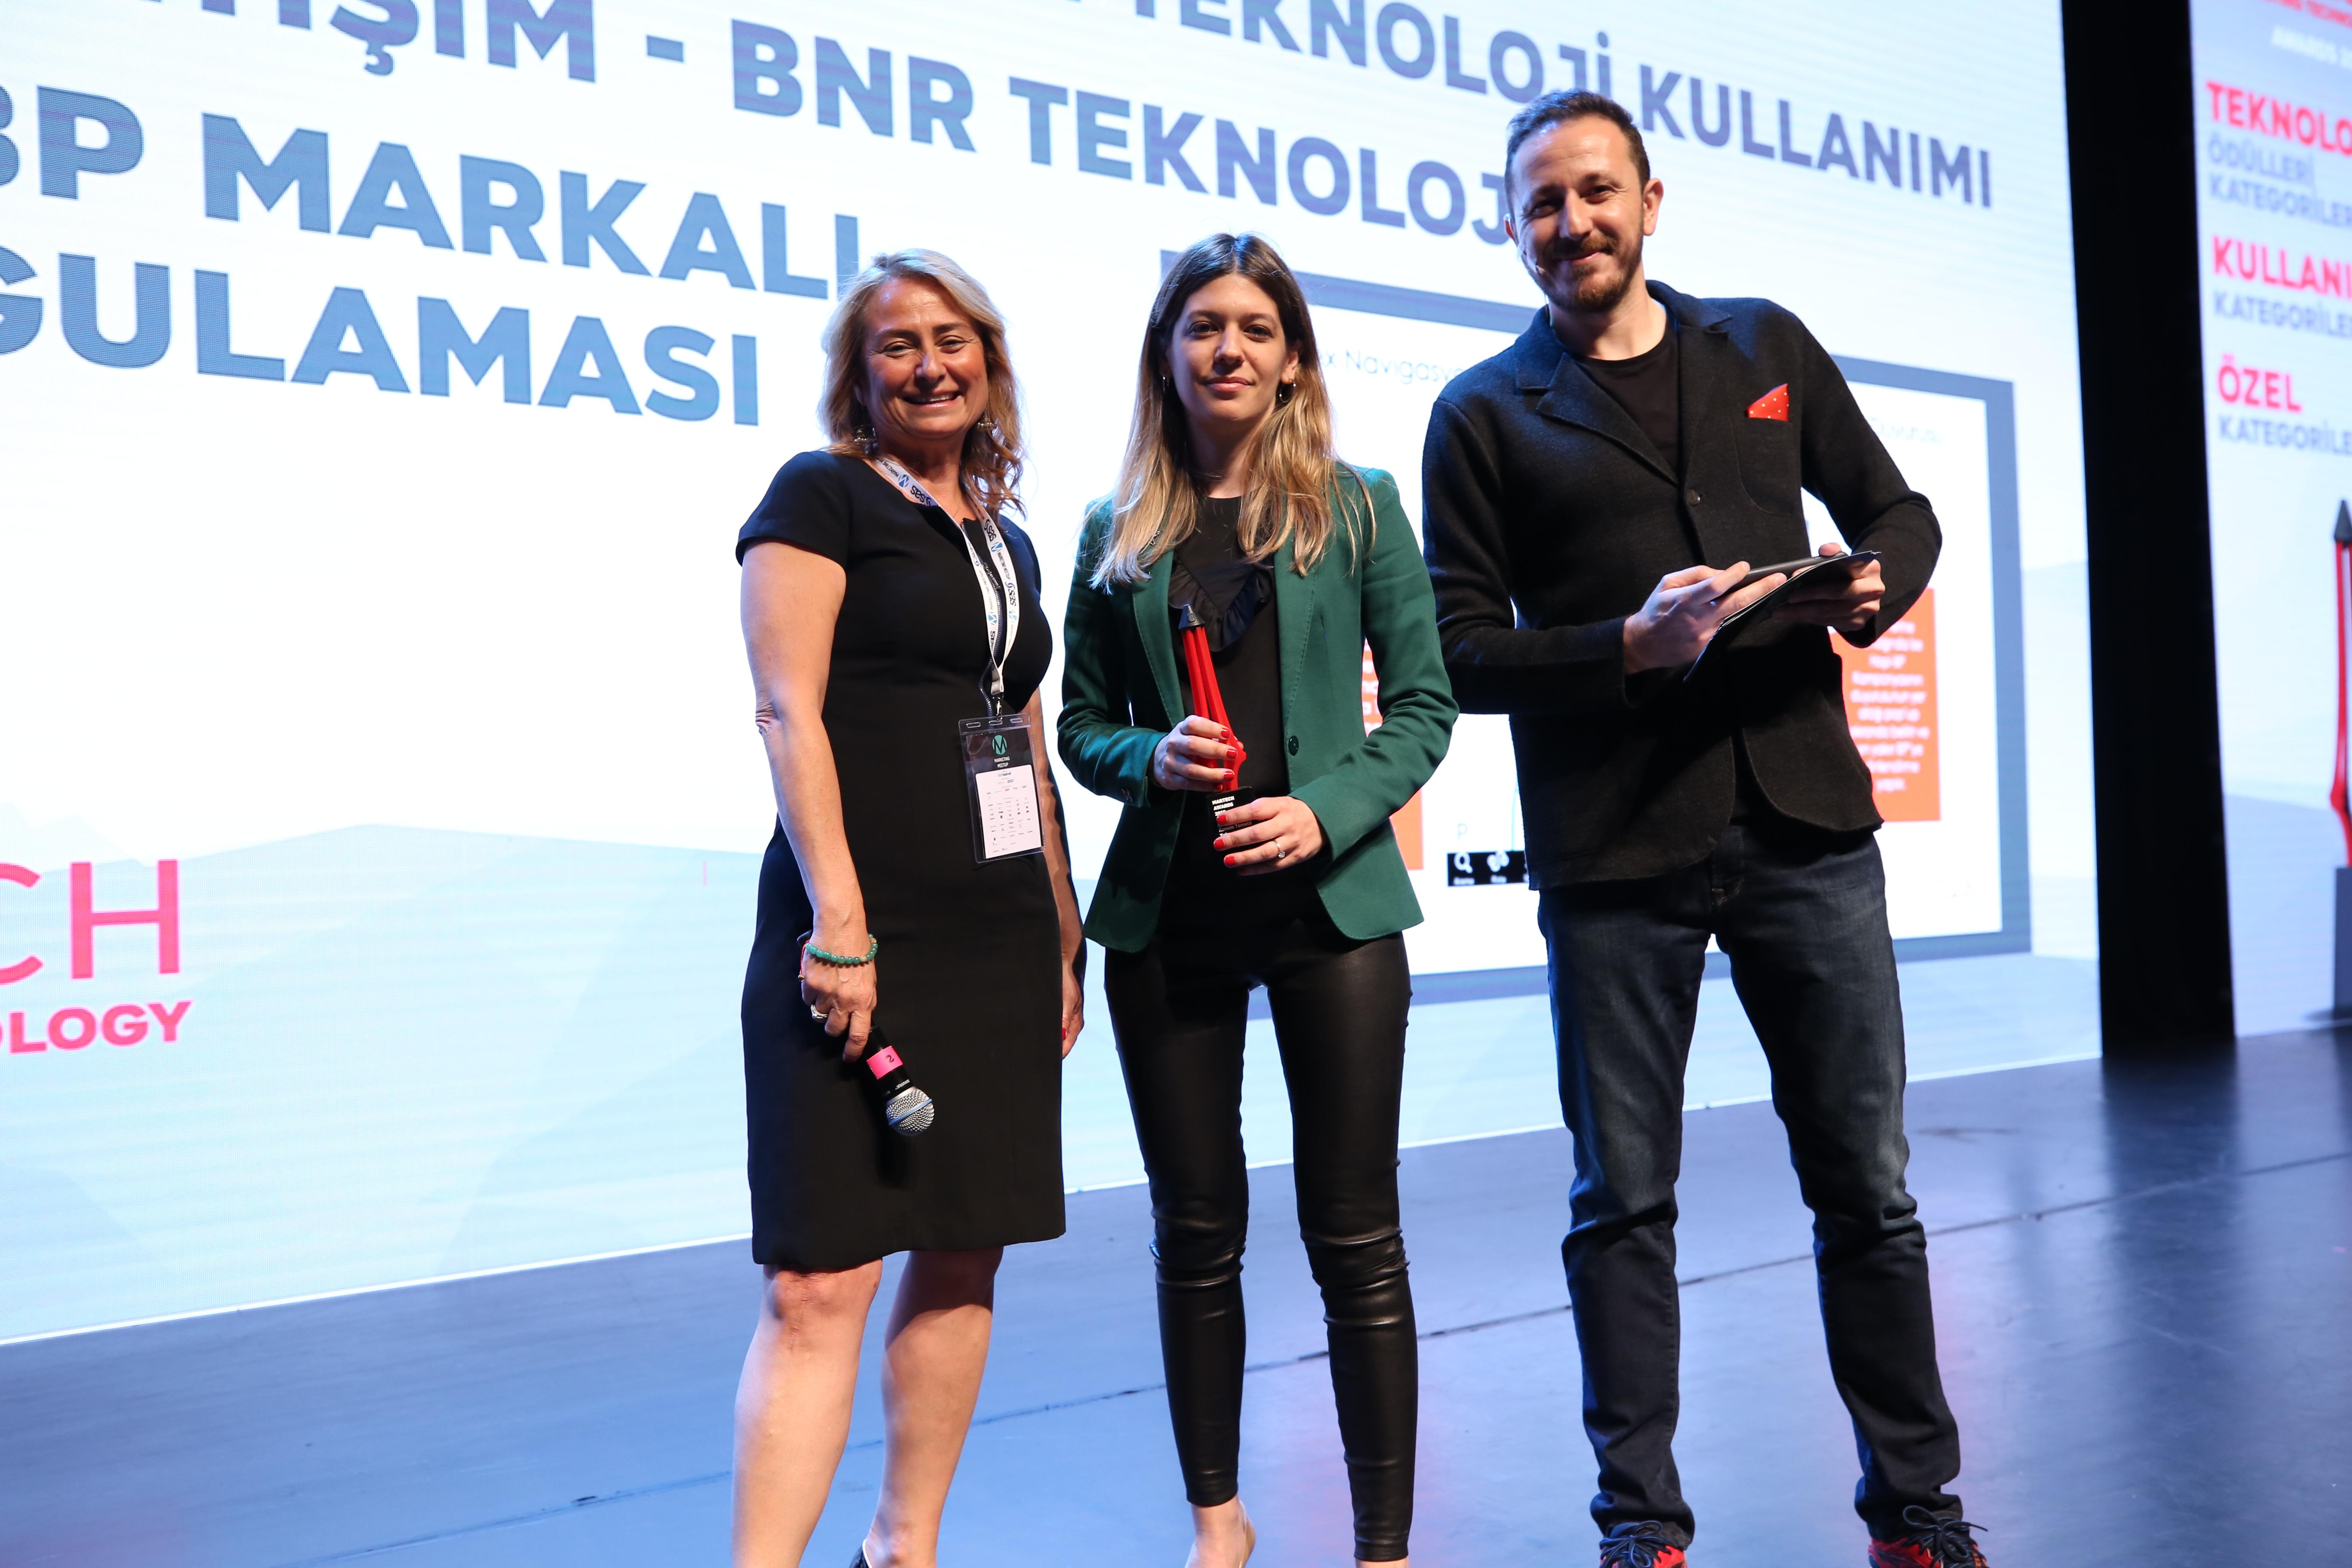 MarTech Awards'ta Ödül Alan Hopi'nin BP Markalı Pin Uygulaması'nı Zoom İletişim ile Konuştuk